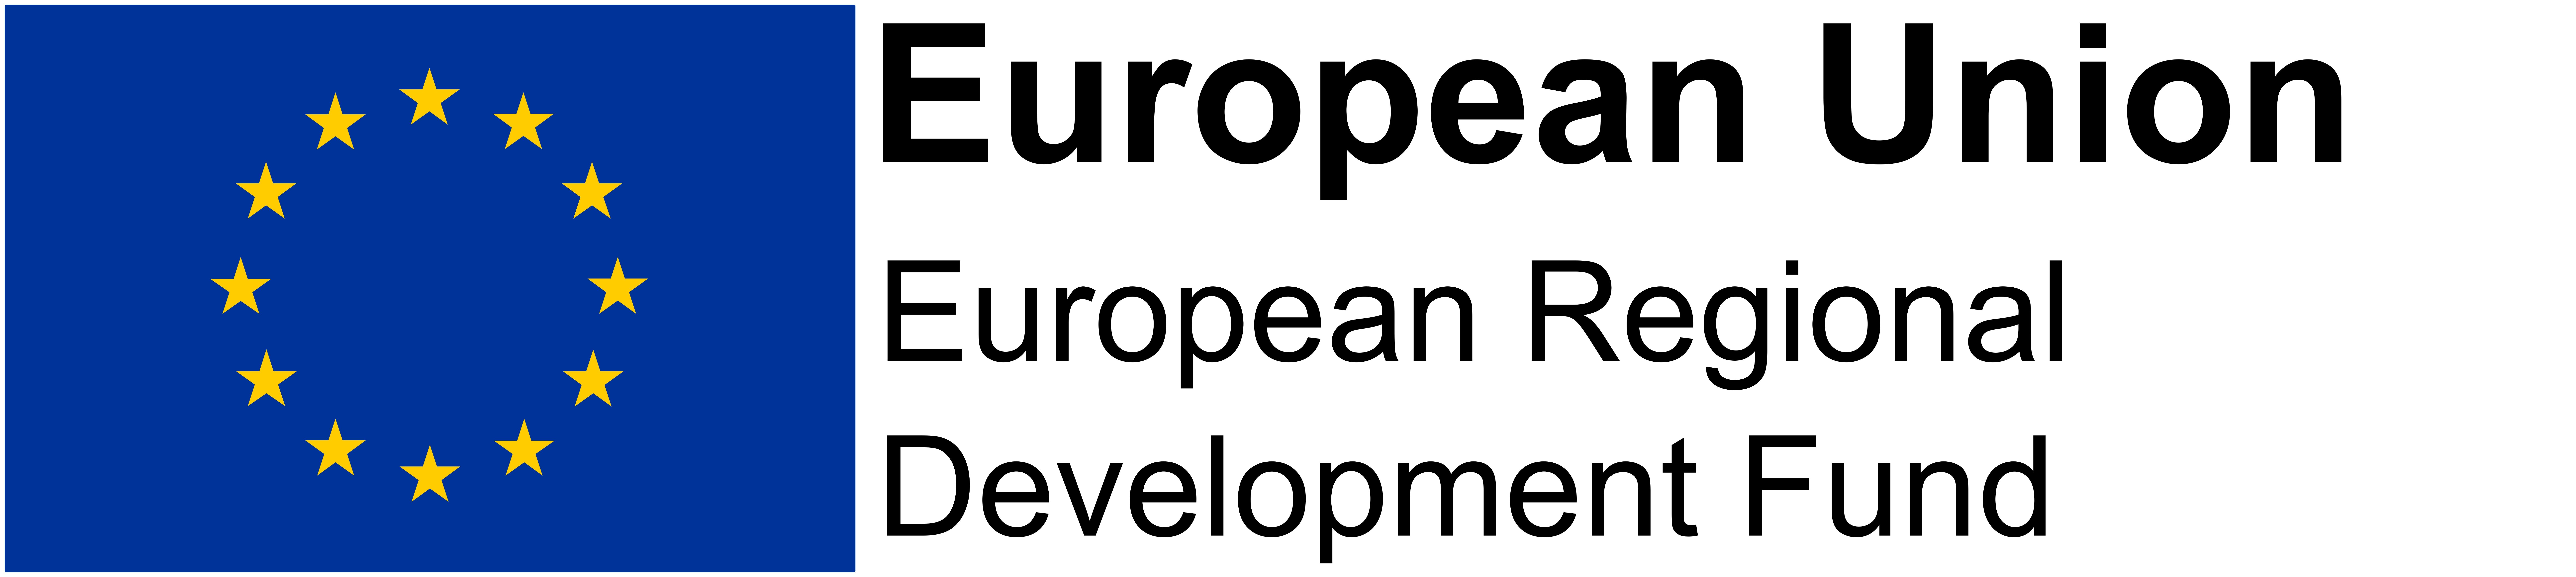 EU Regional Development Fund Text and EU Logo